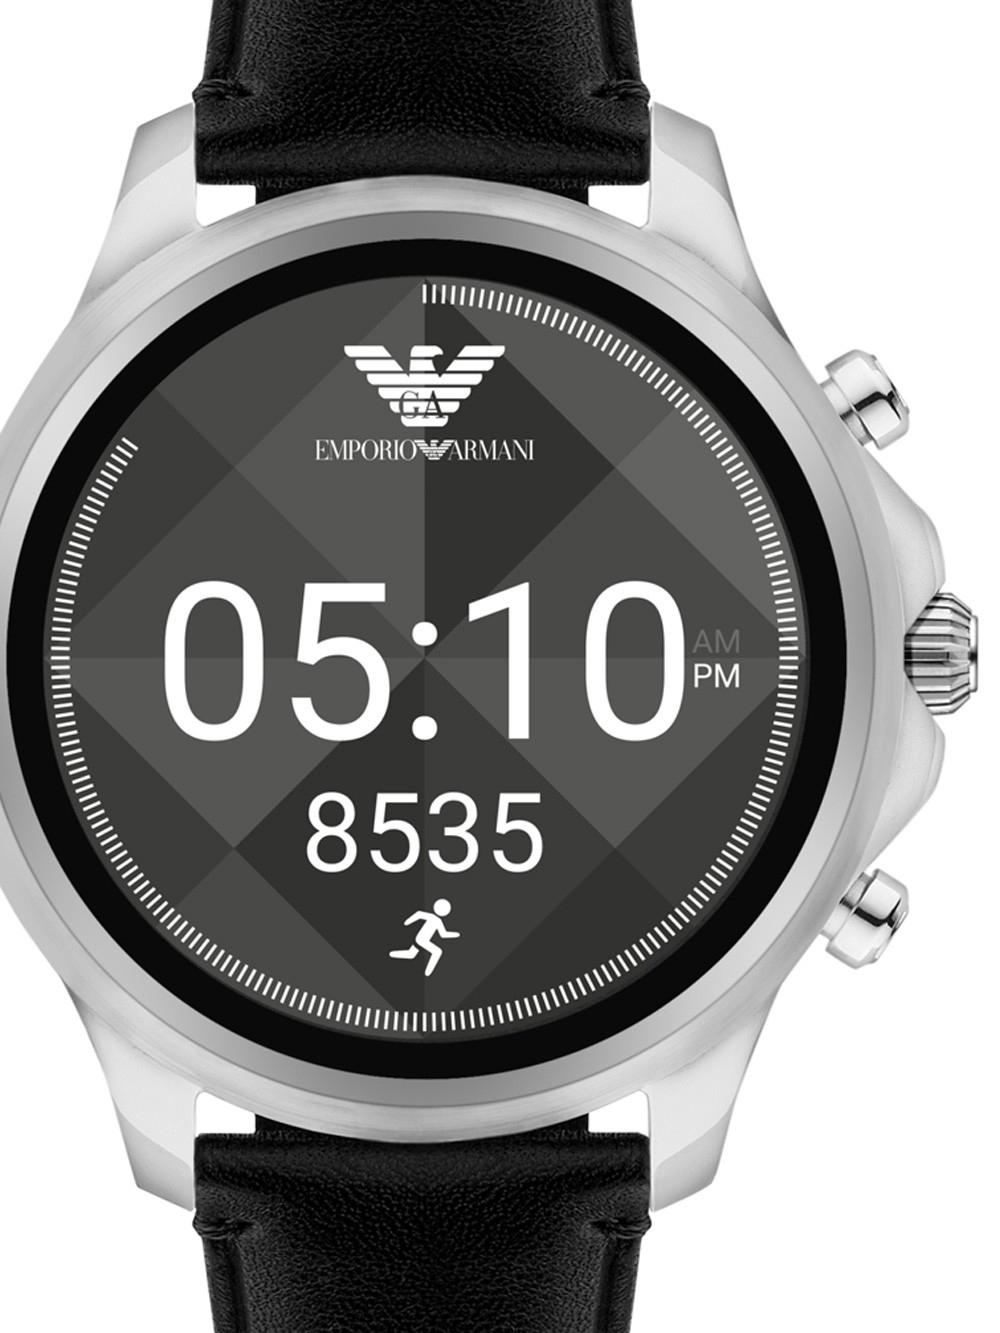 ceas barbatesc emporio armani art5003 alberto connected smartwatch 46mm 3atm